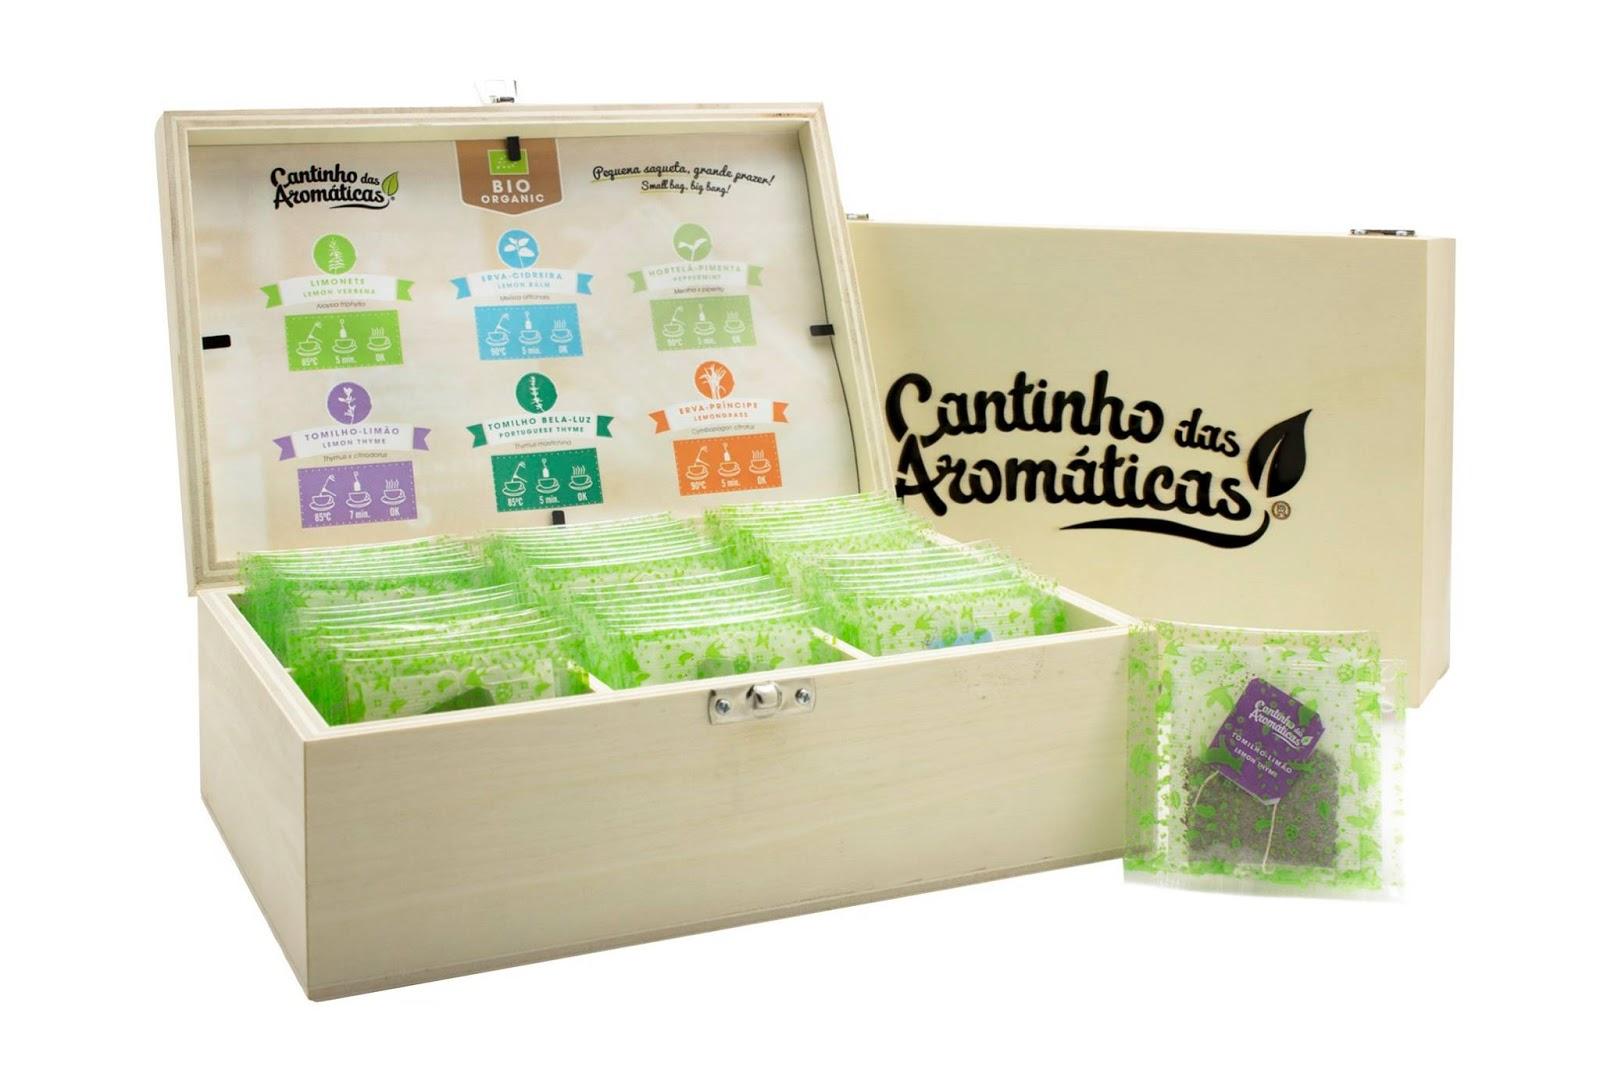 http://www.cantinhodasaromaticas.pt/loja/destaques-entrada/caixa-de-madeira-com-60-saquetas-de-infusao-bio/